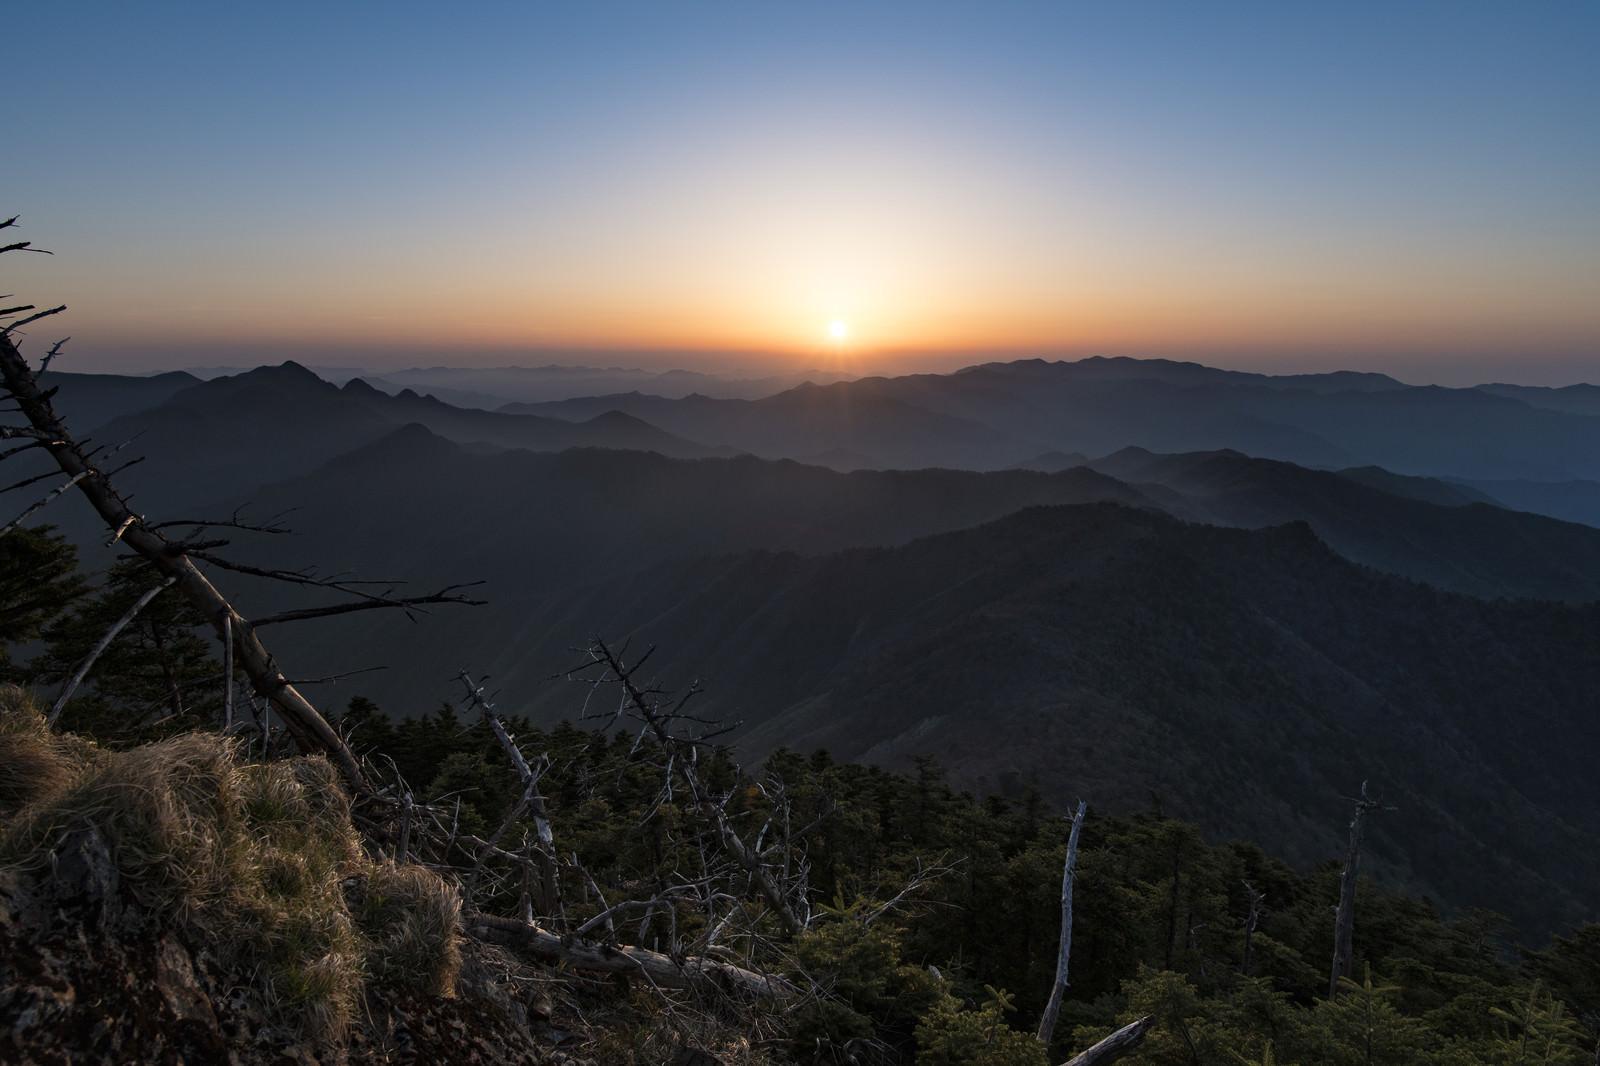 「立ち枯れした木々と大台ヶ原から登る朝日」の写真